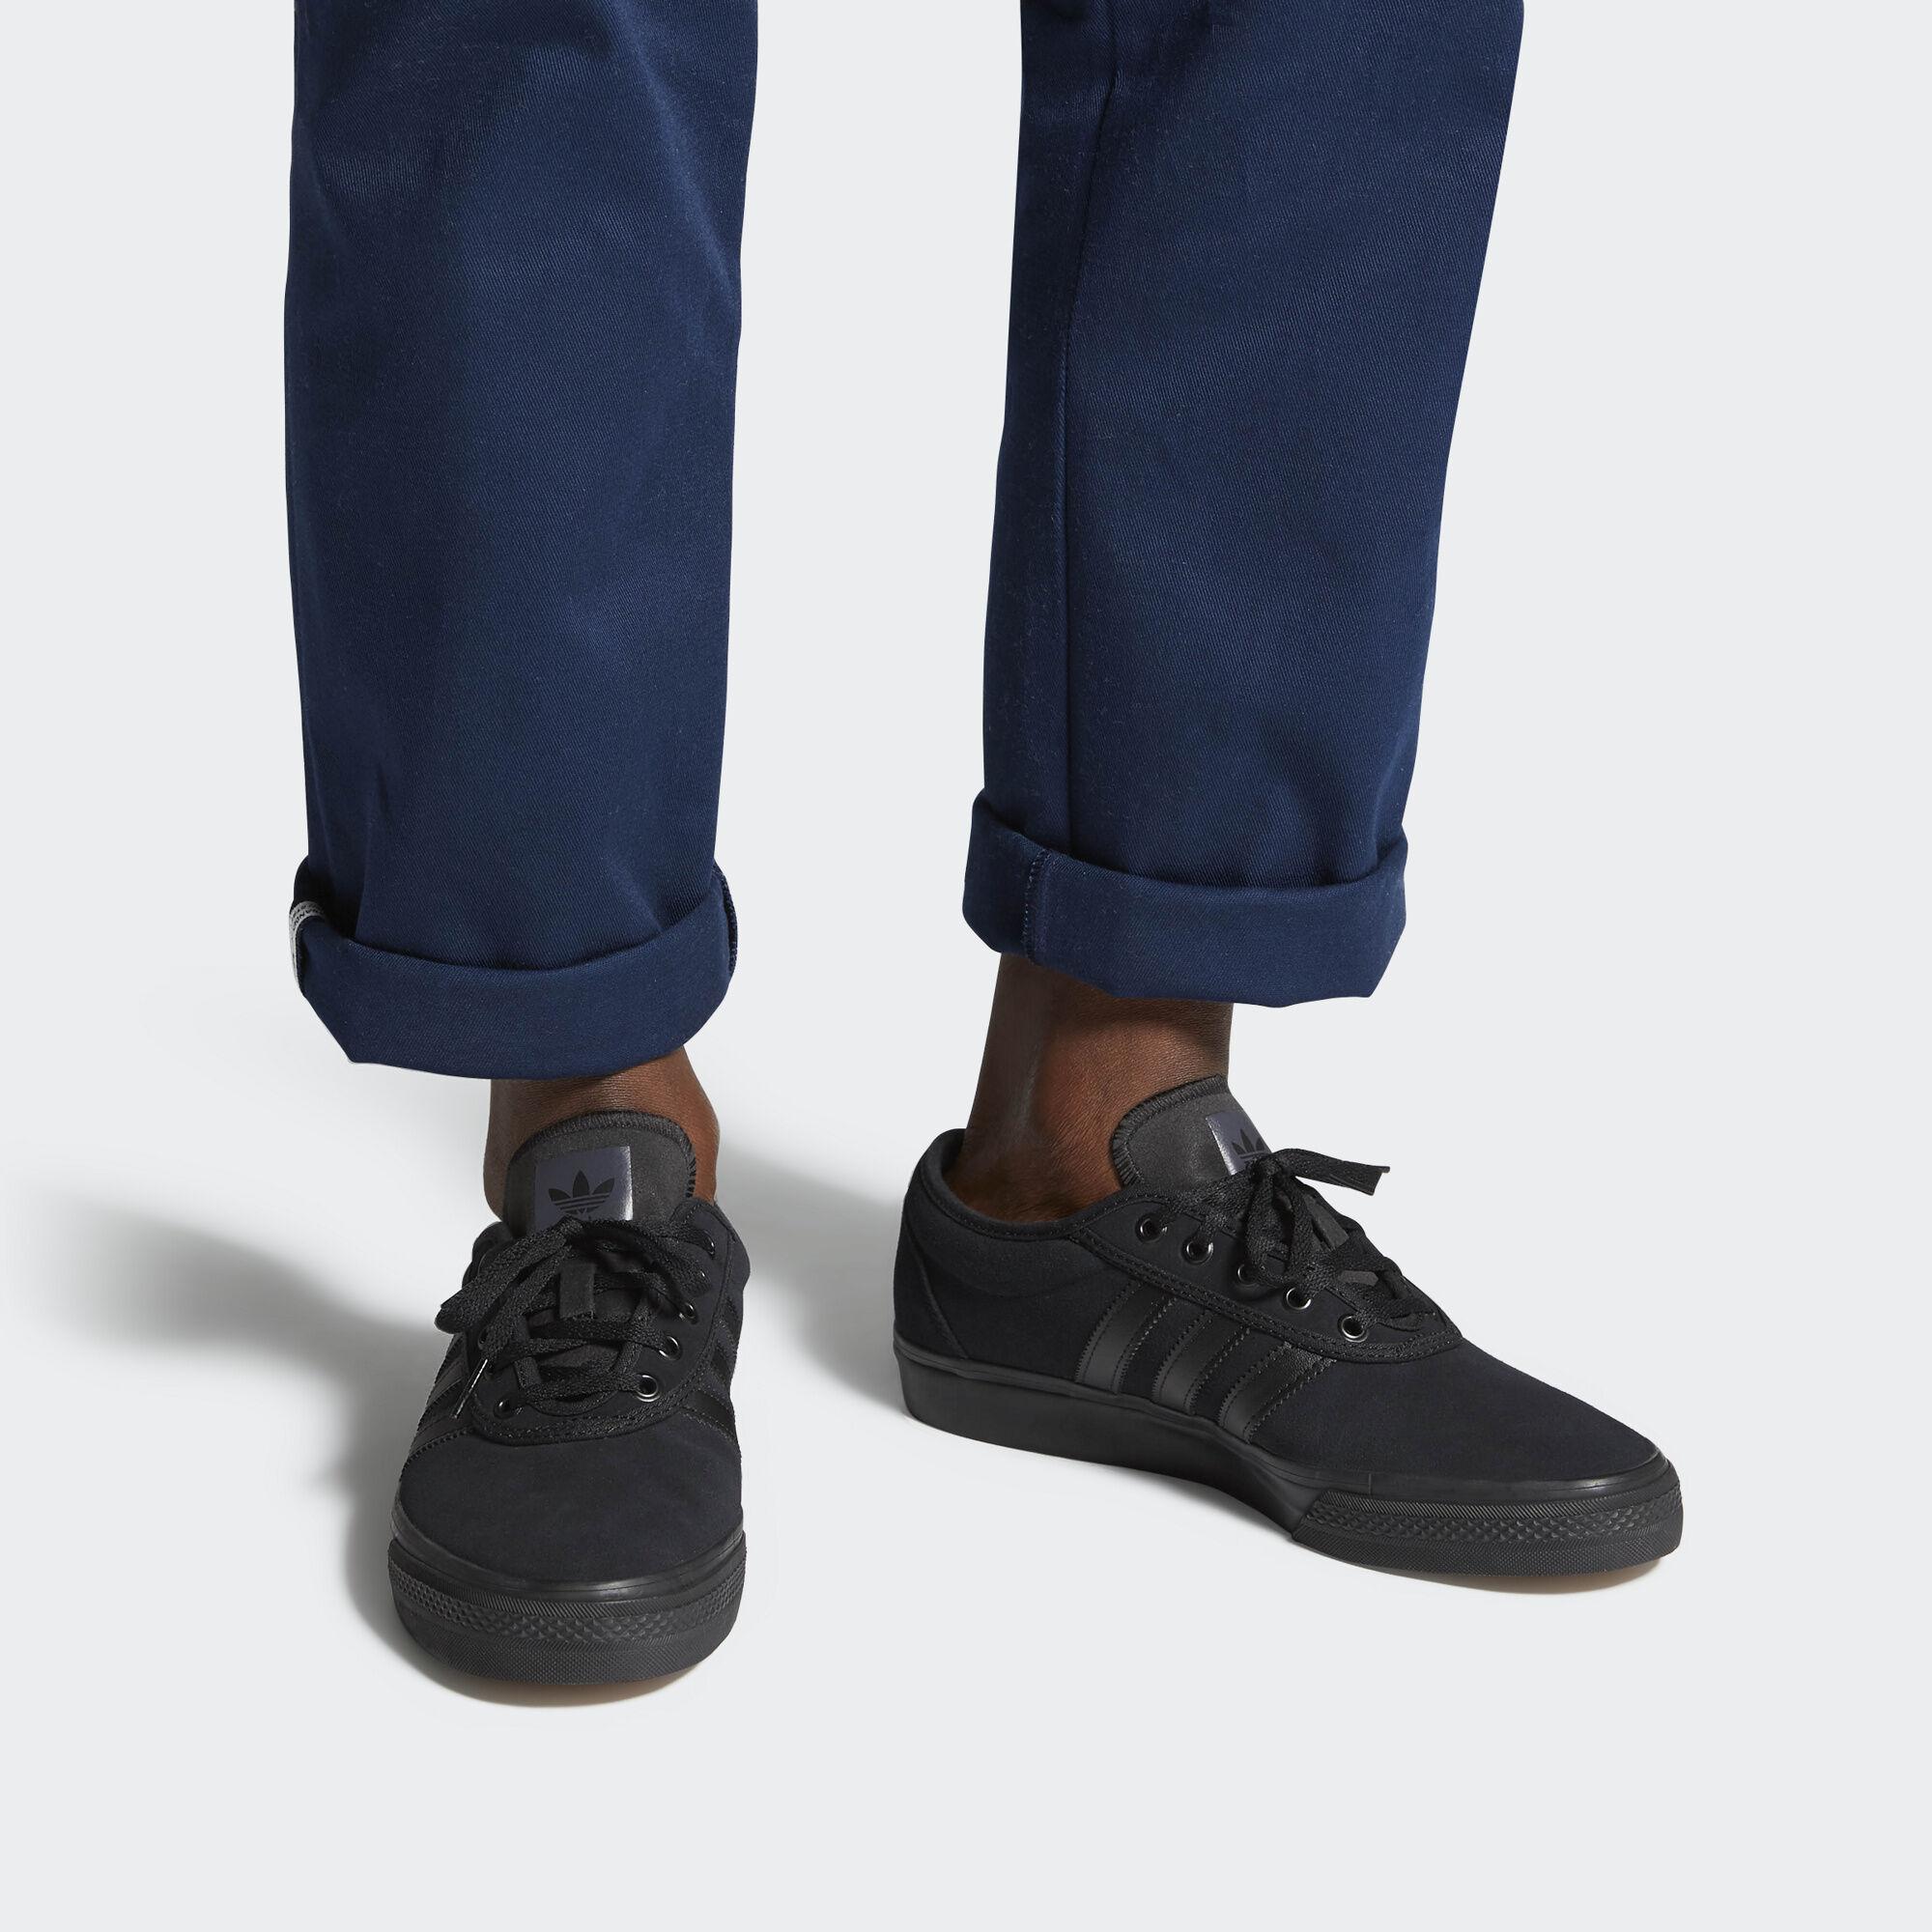 newest 72e44 3e0a0 adidas adiease Schoenen - zwart  adidas Officiële Shop